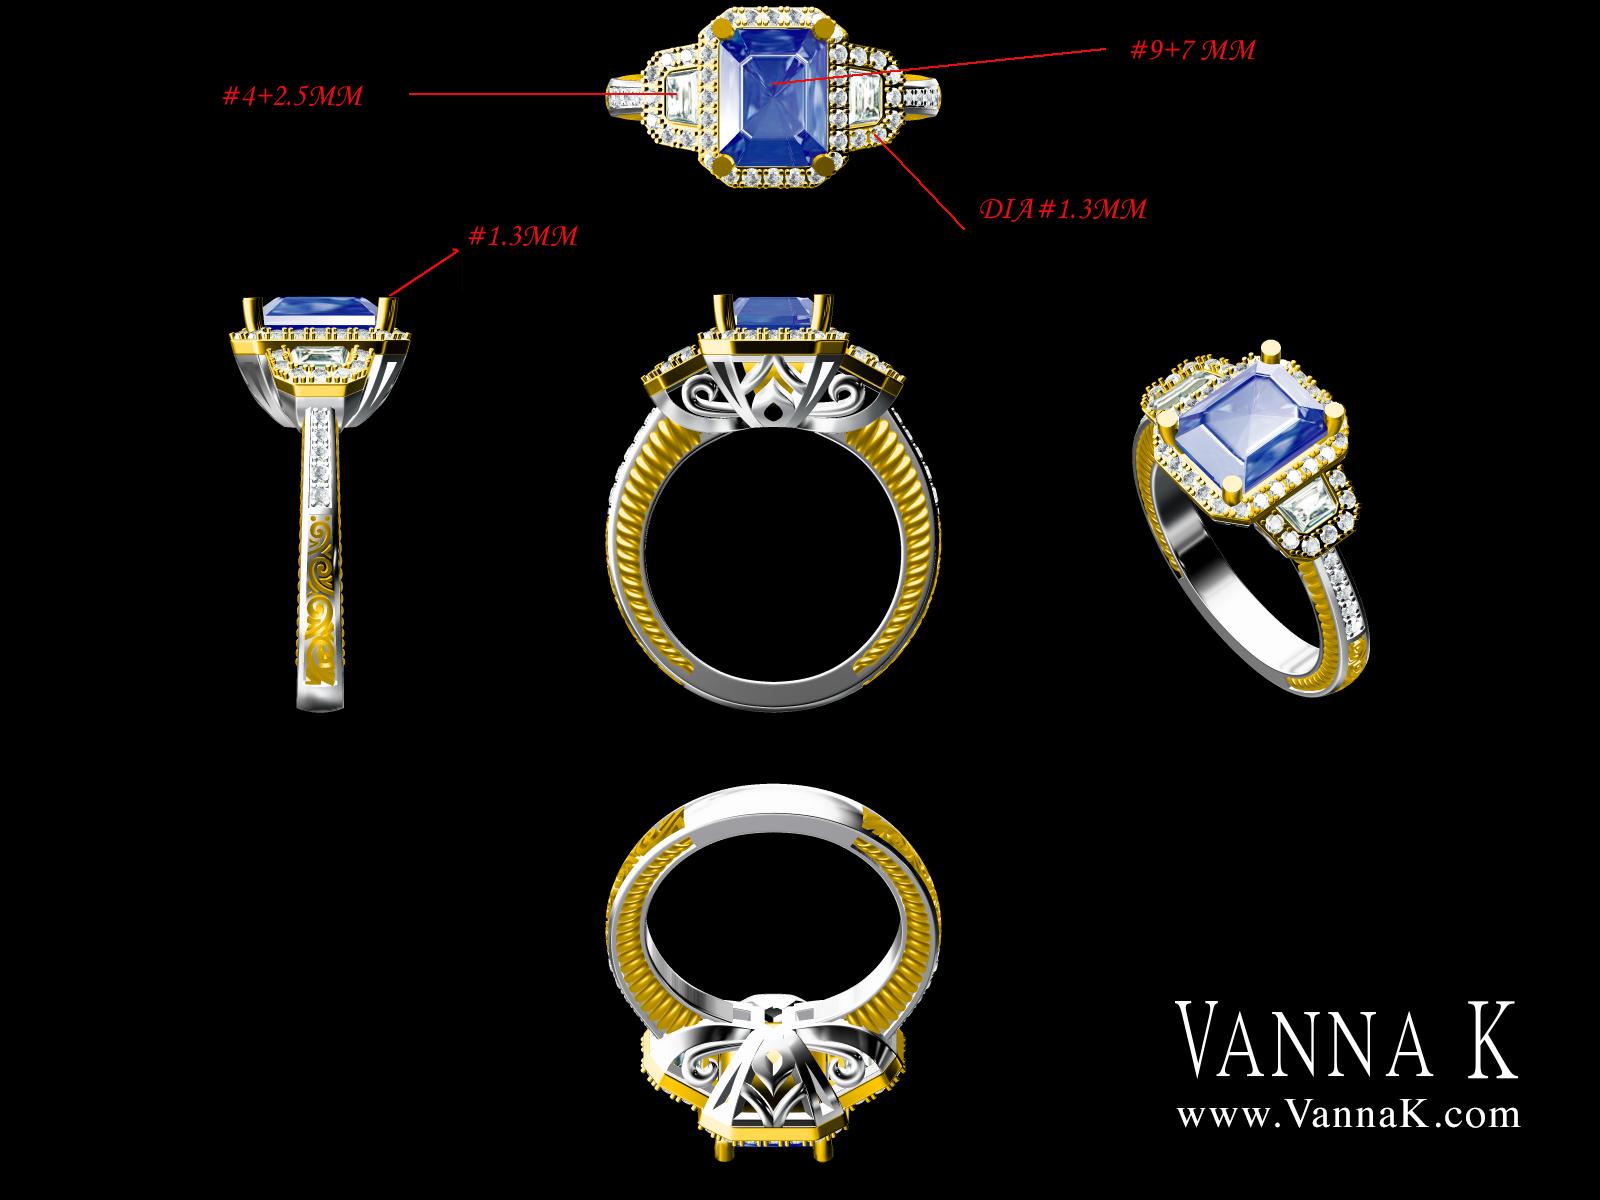 vanna k vanna k introduces advanced jewelry technology